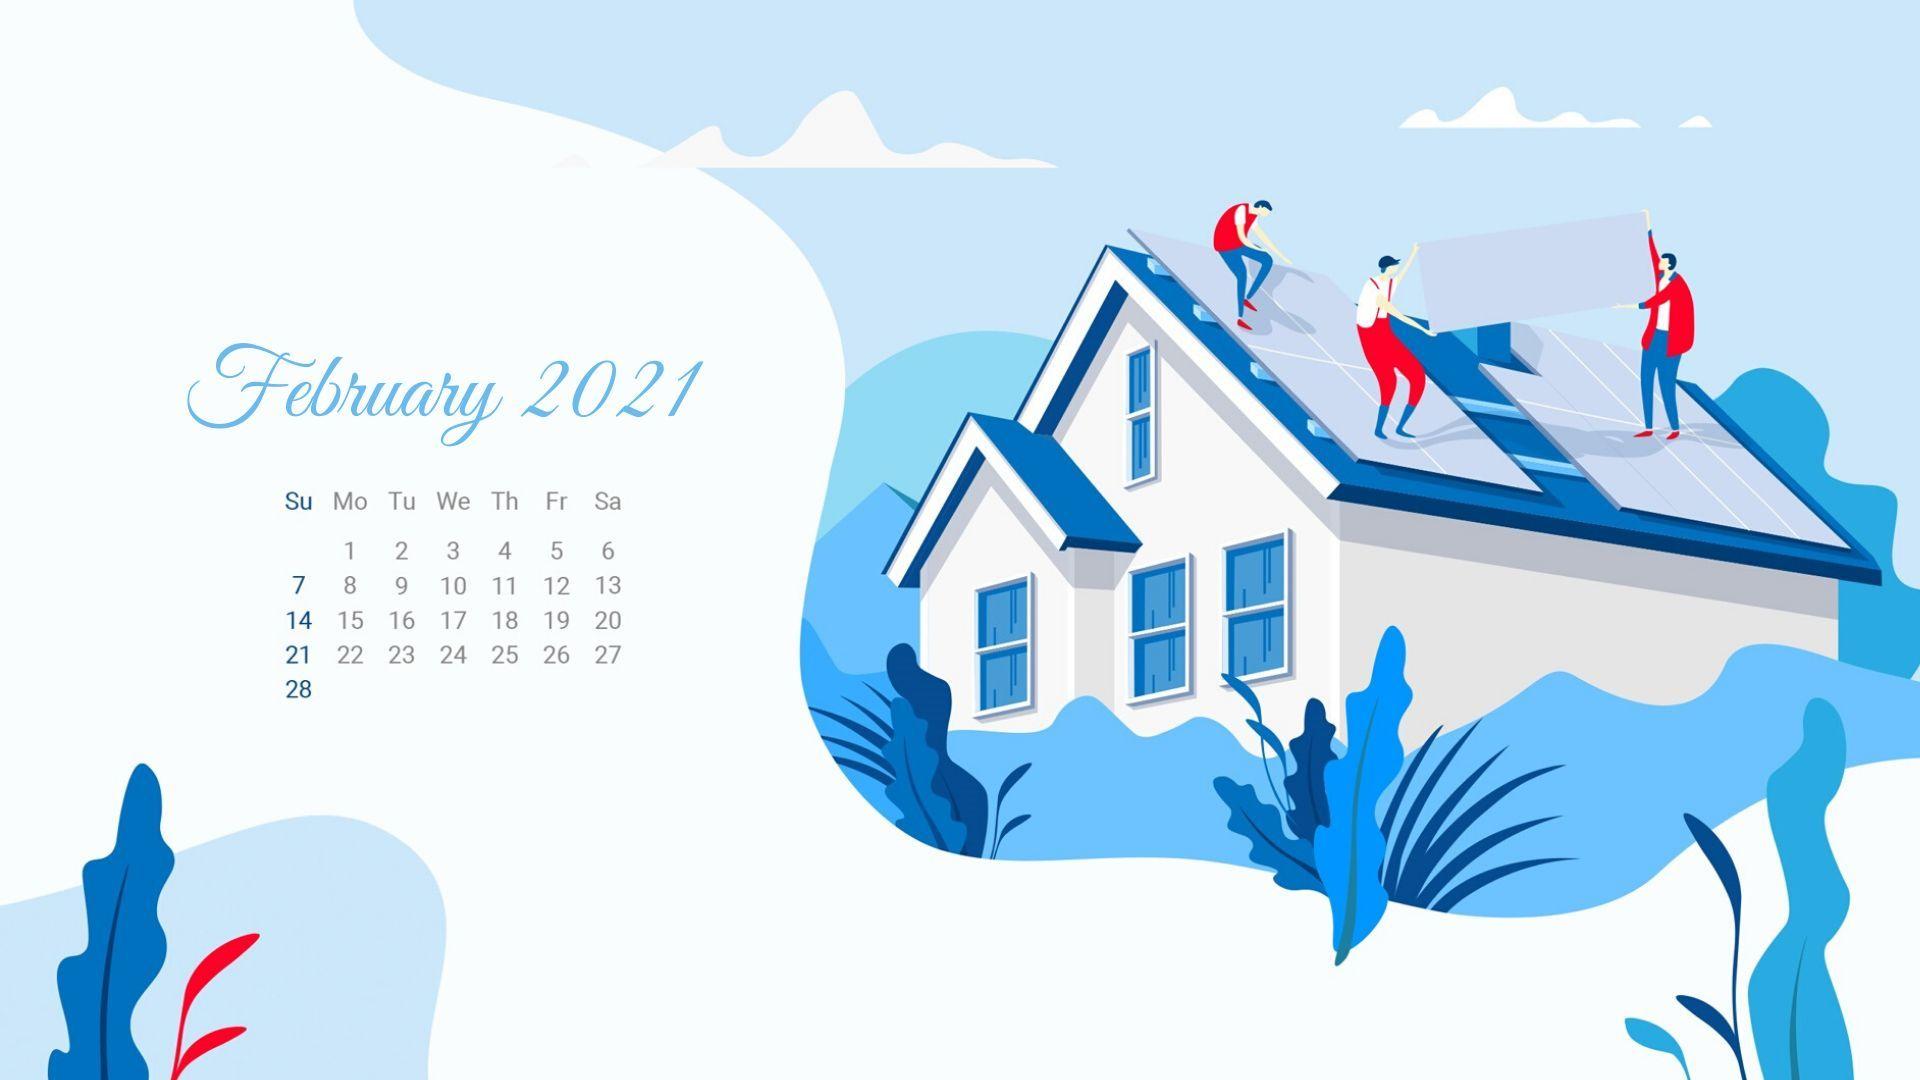 Calendar Desktop Wallpaper 2021 February 2021 Calendar Wallpaper   Calendar wallpaper, 2021